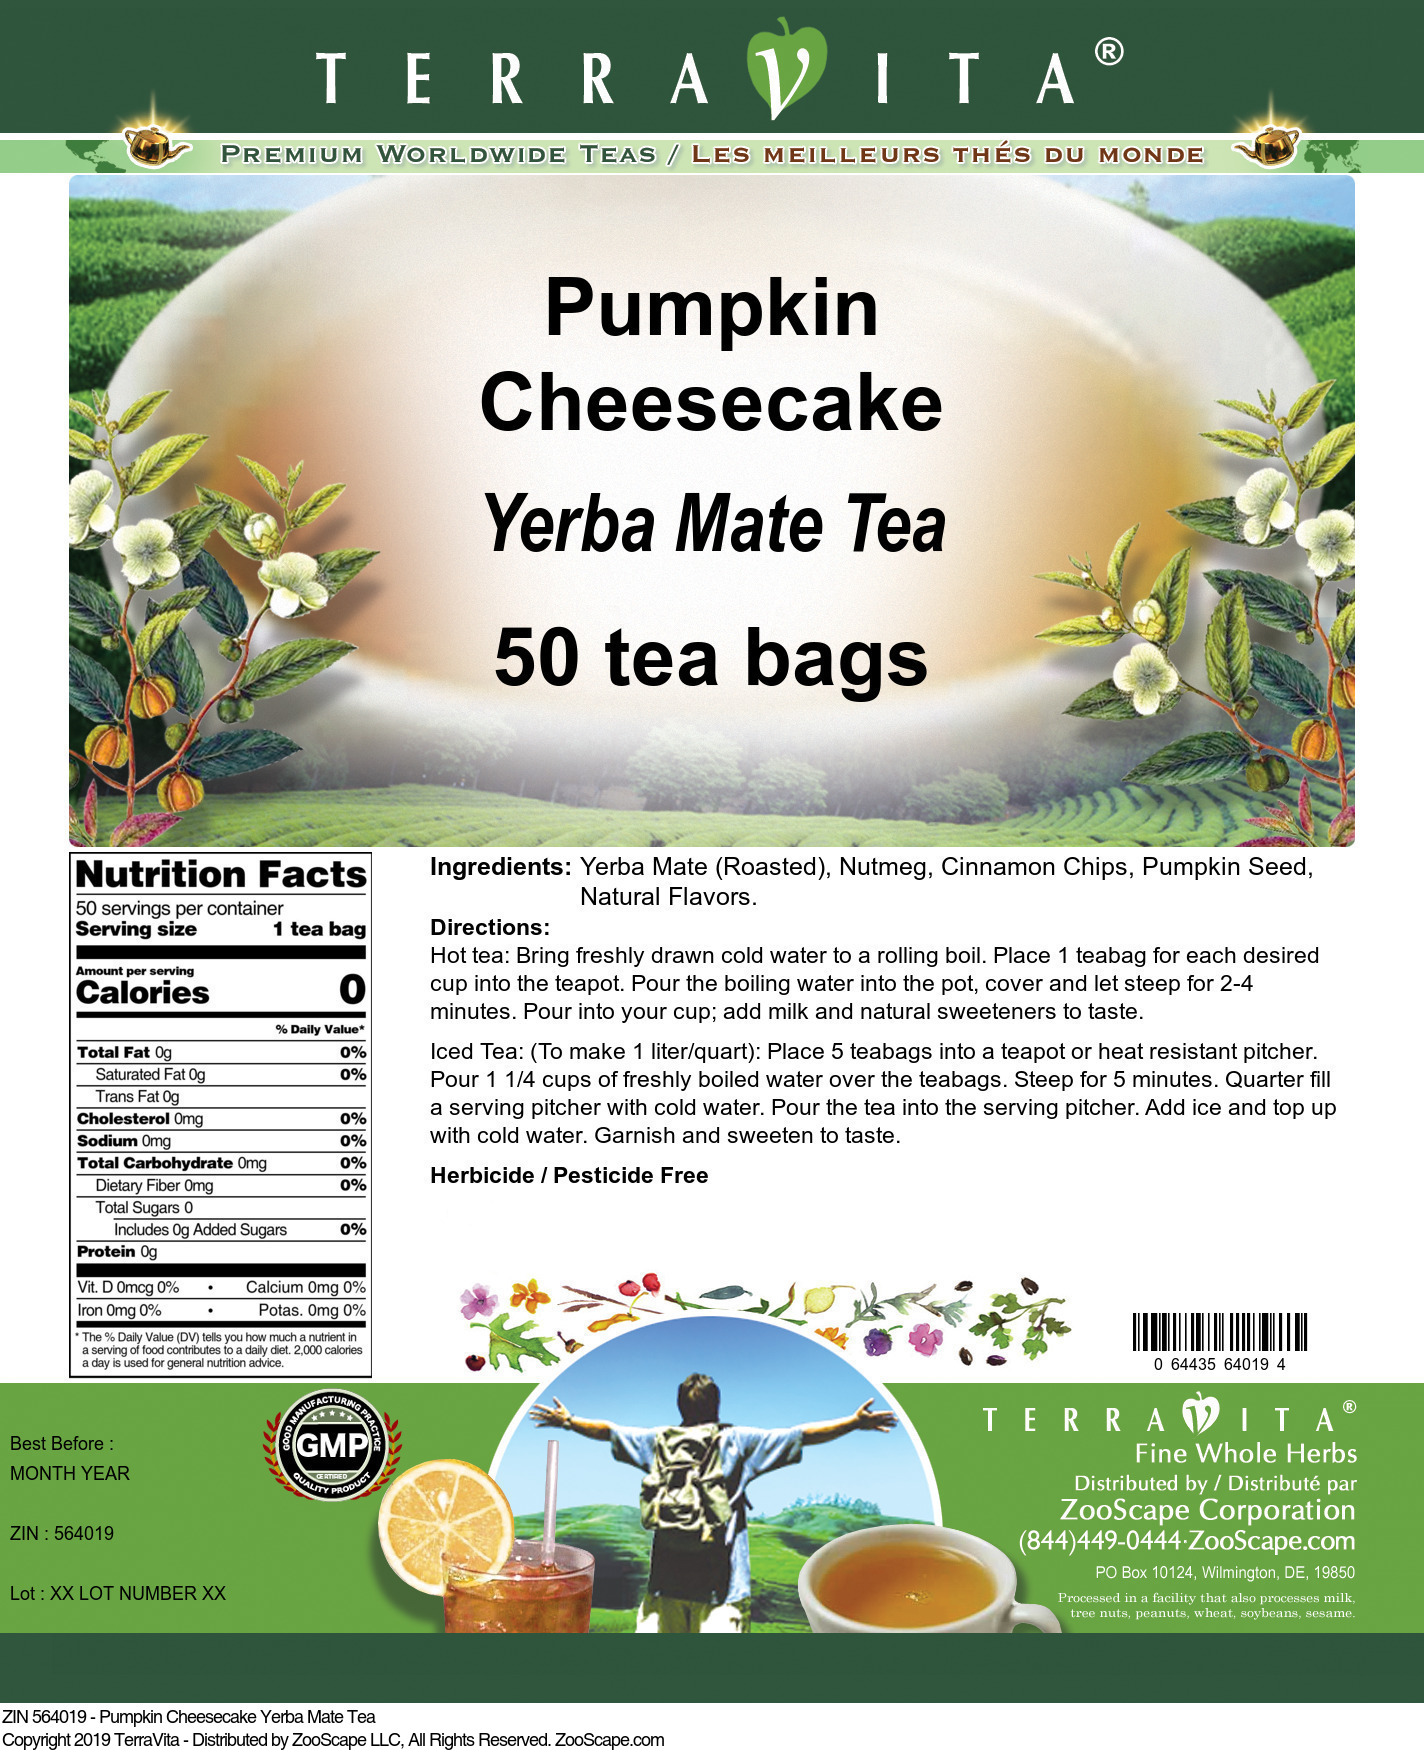 Pumpkin Cheesecake Yerba Mate